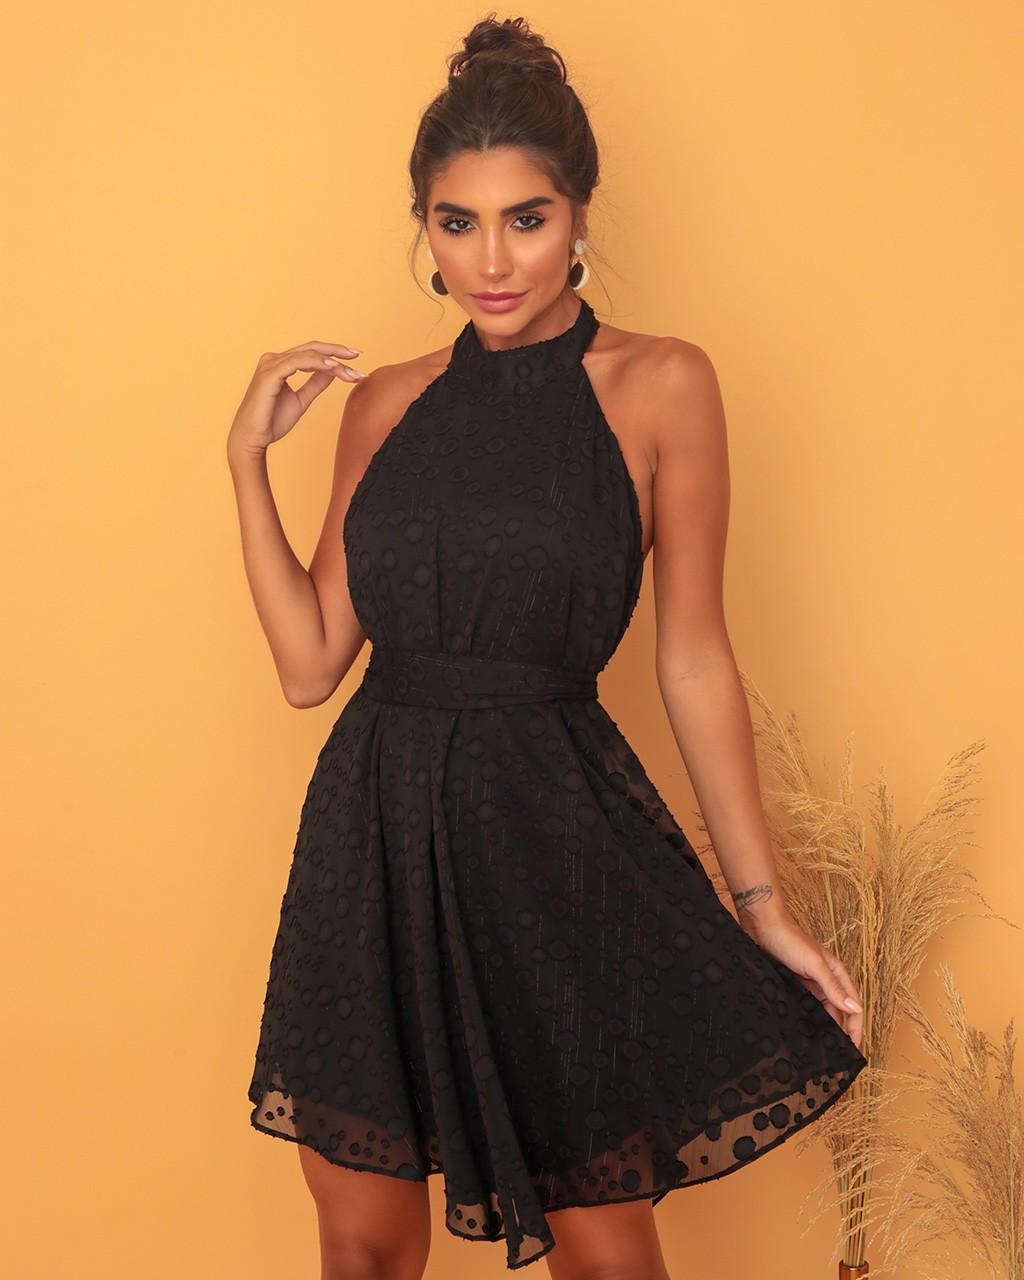 Vestido Lana  - Empório NM